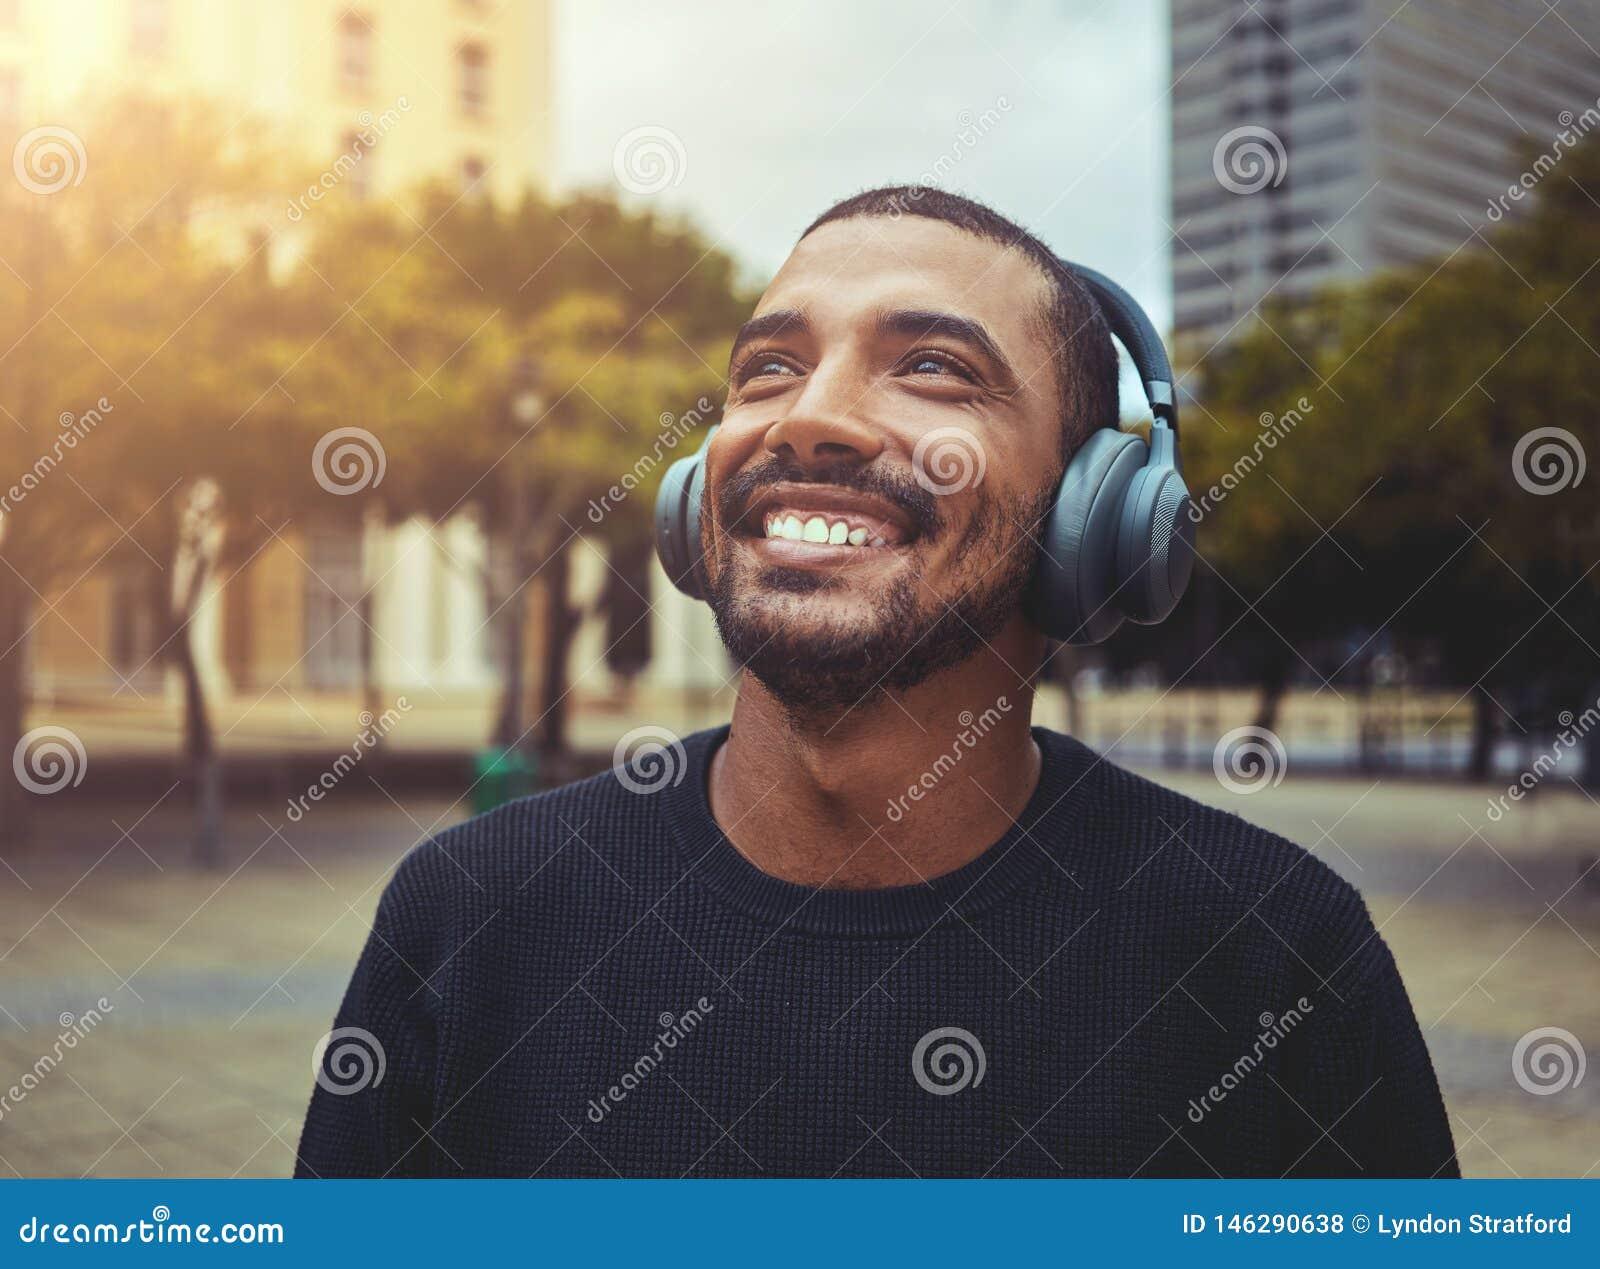 Εύθυμο άτομο που απολαμβάνει τη μουσική στο ασύρματο ακουστικό